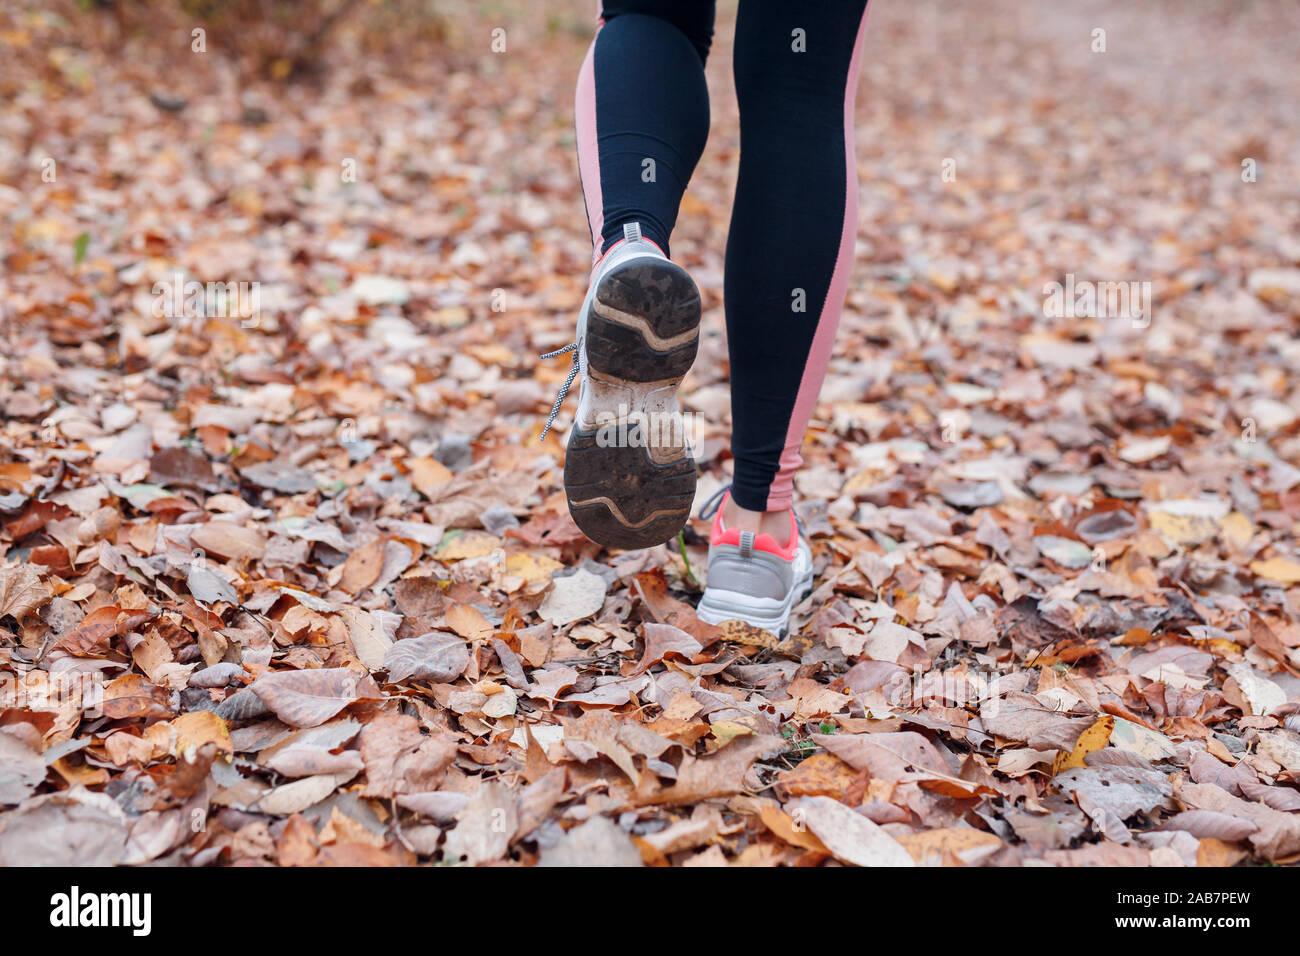 Cerca de los pies de un corredor corriendo en hojas de otoño en el parque Foto de stock